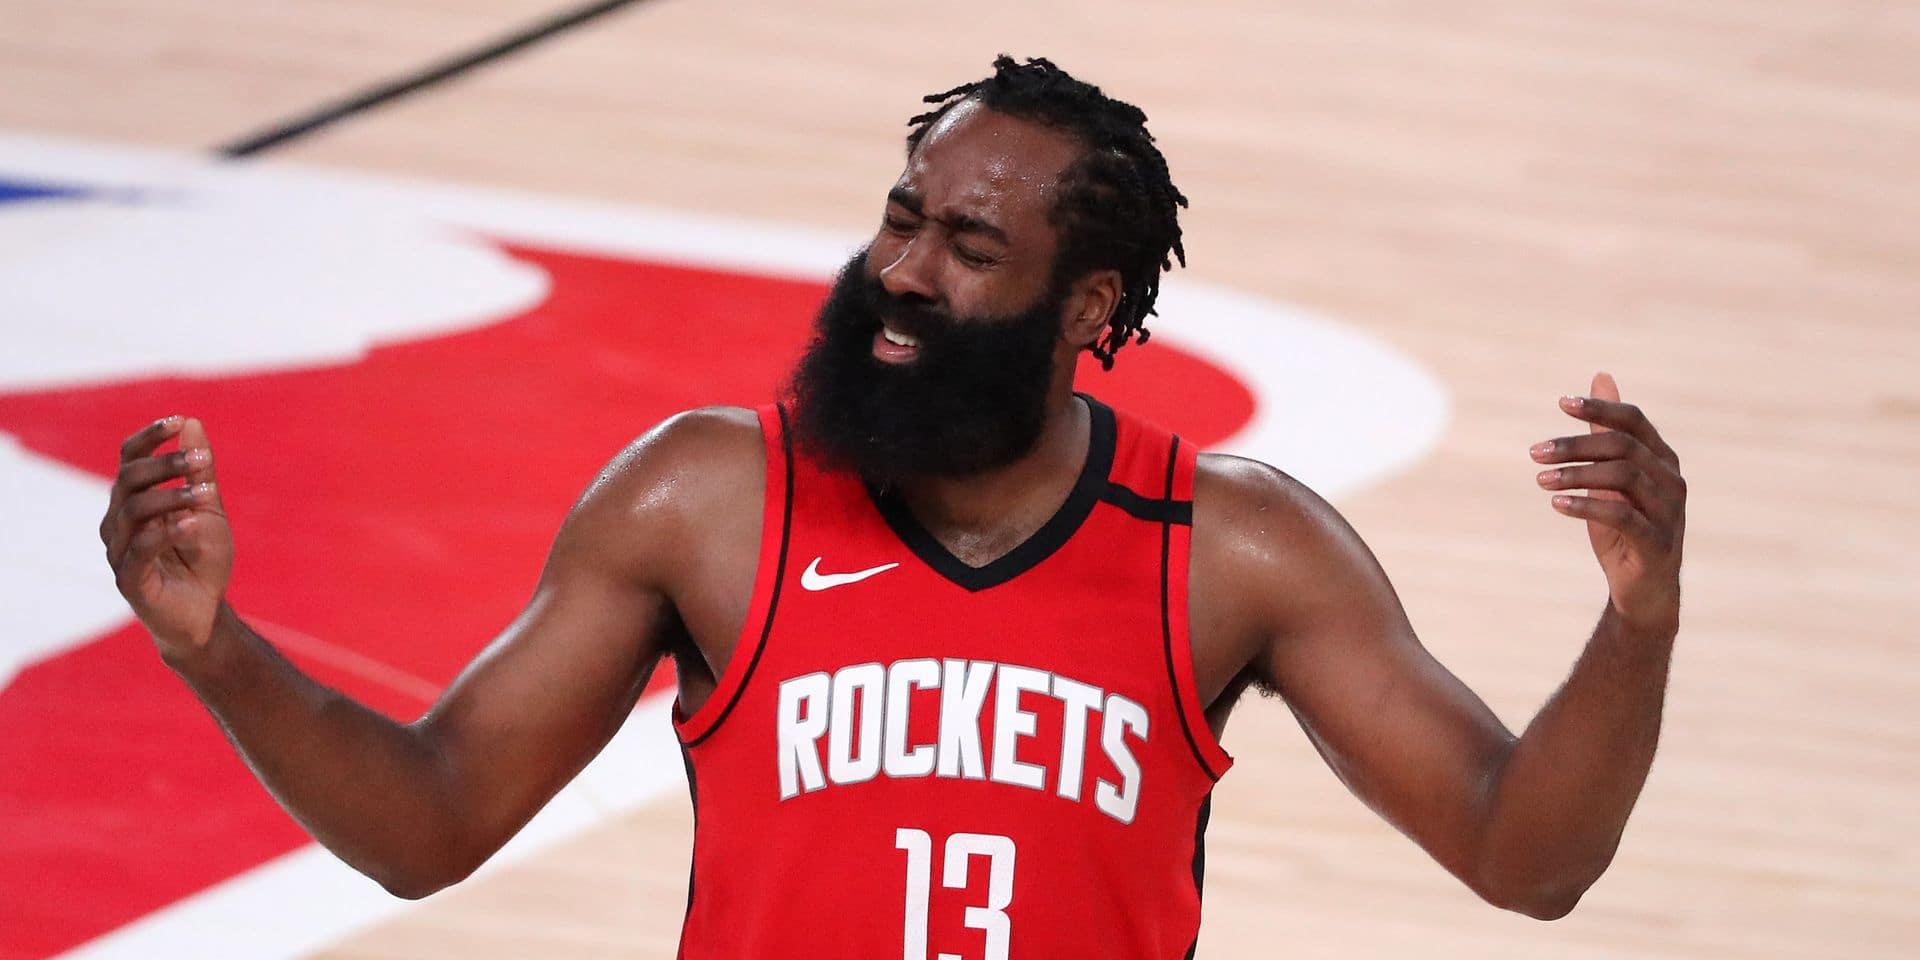 NBA: 2 nouveaux matches reportés, l'inquiétude grandit